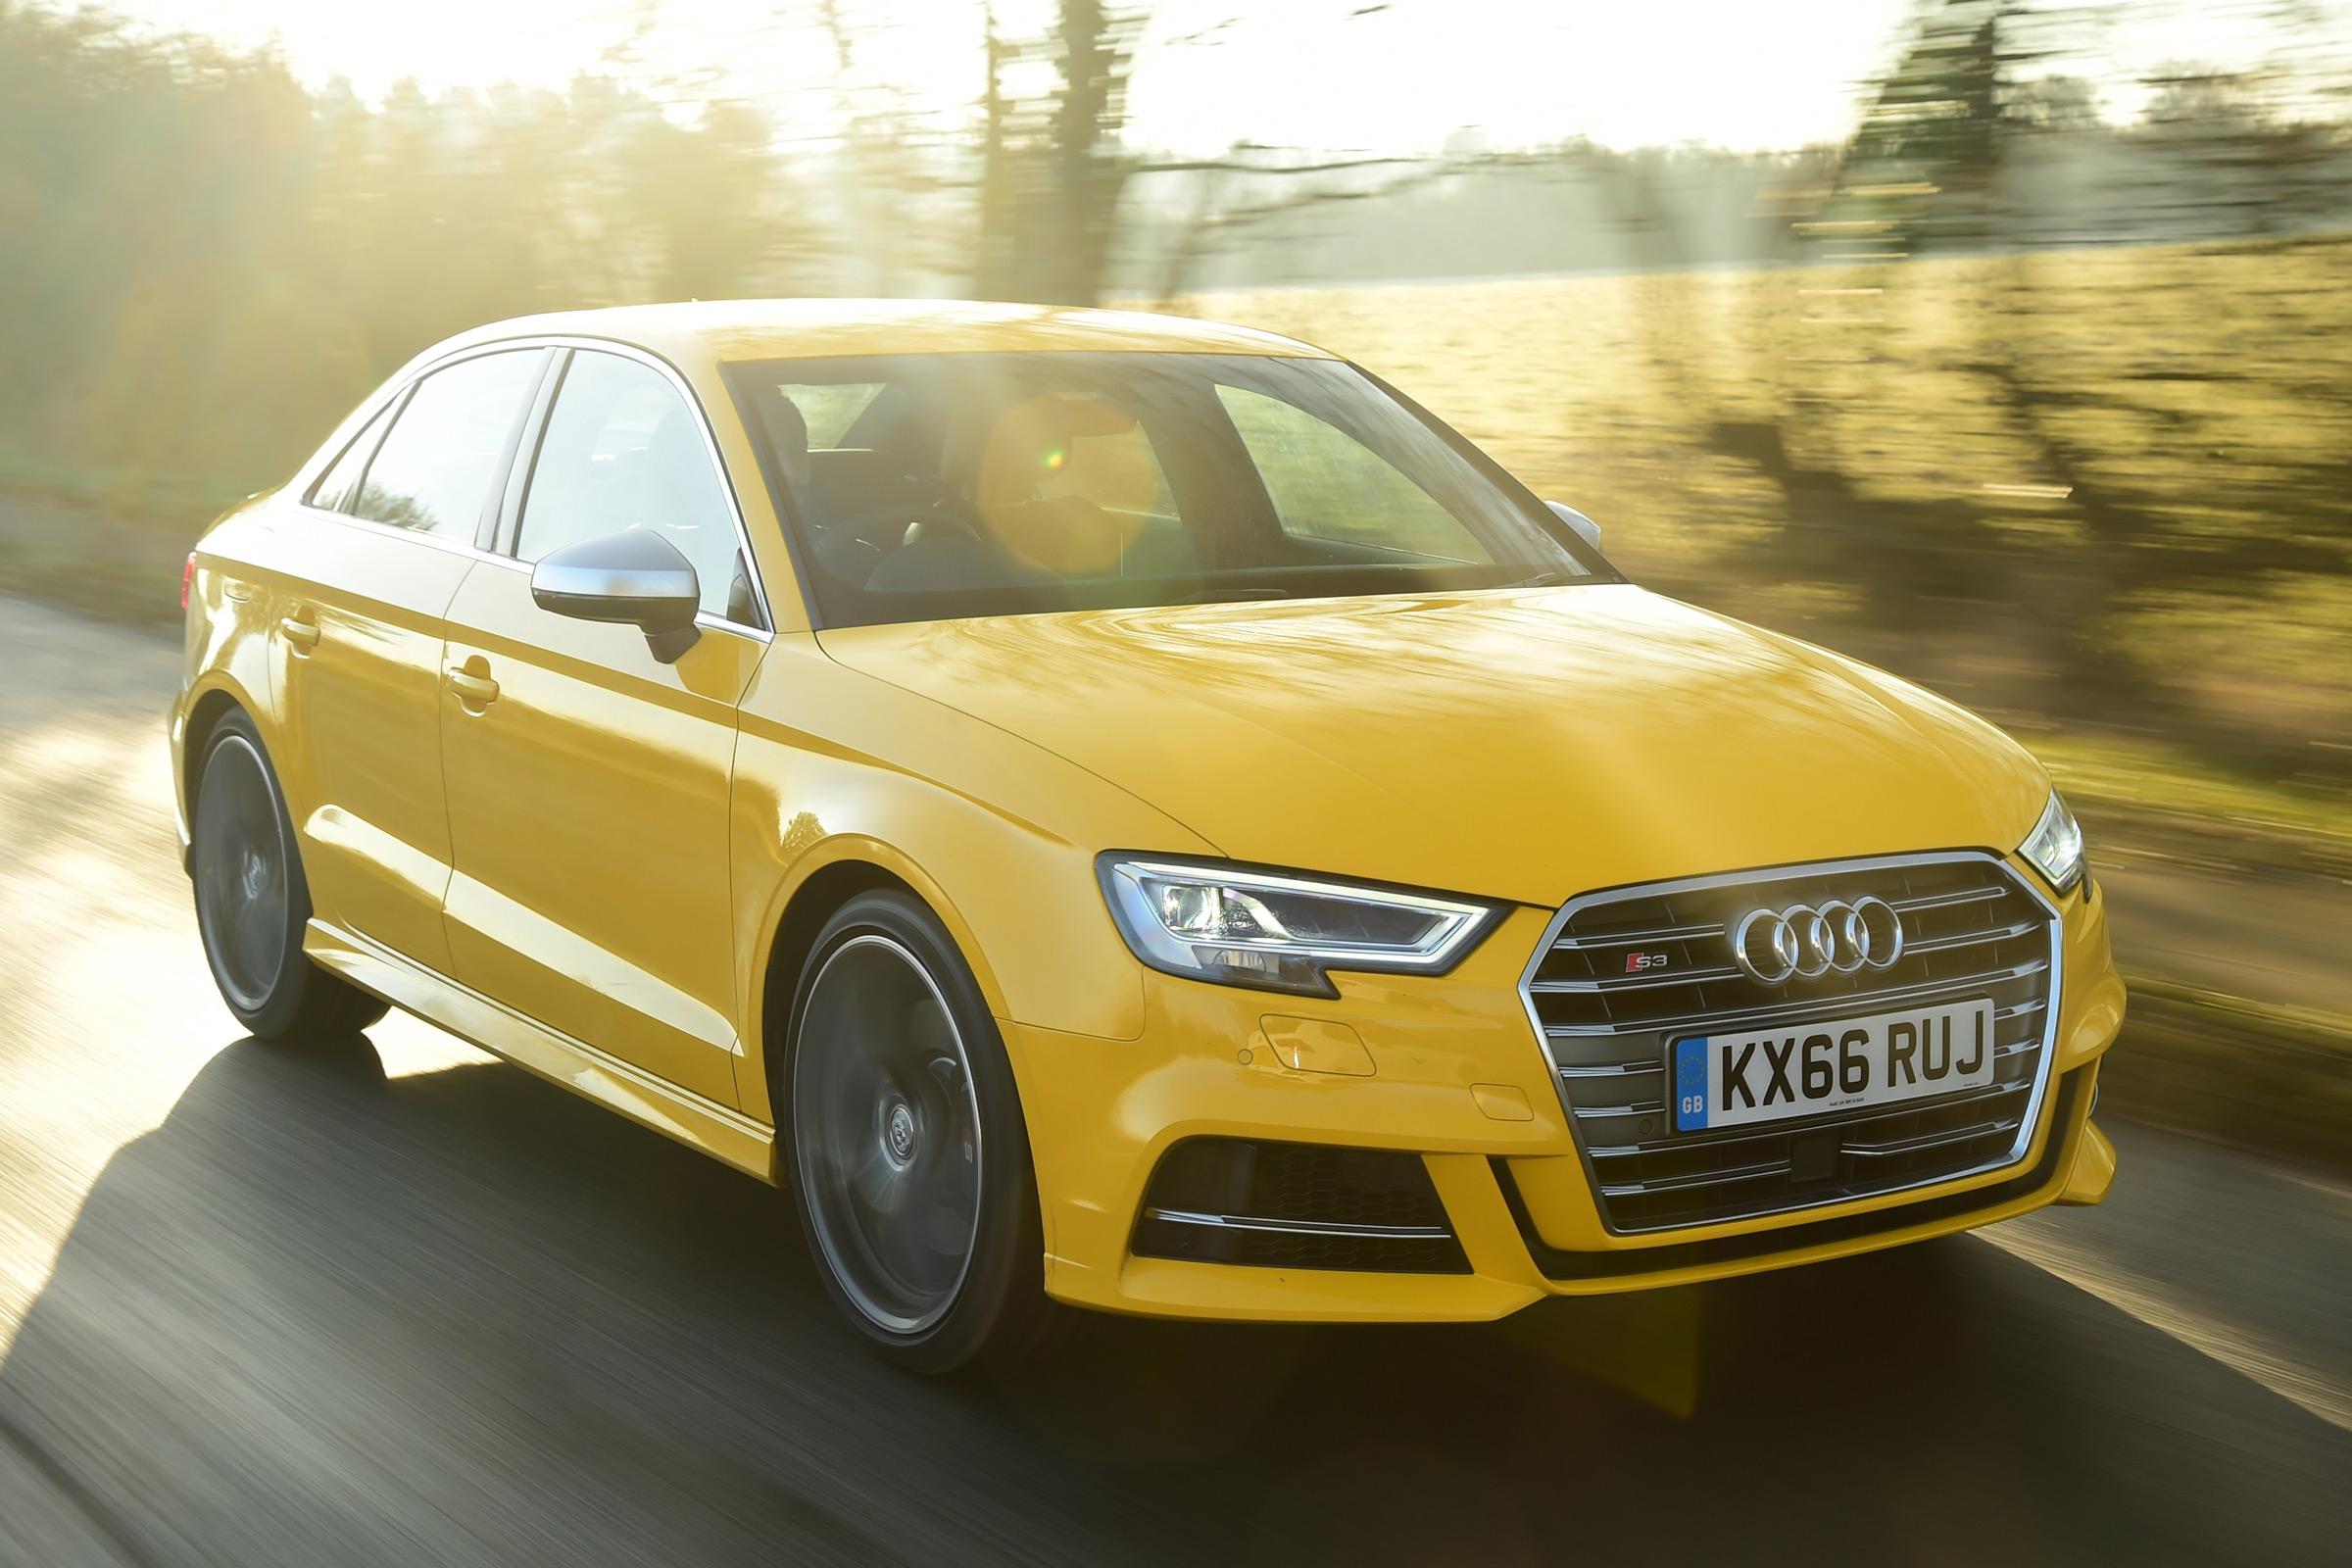 Audi S3 Reliability Safety Euro Ncap Auto Express